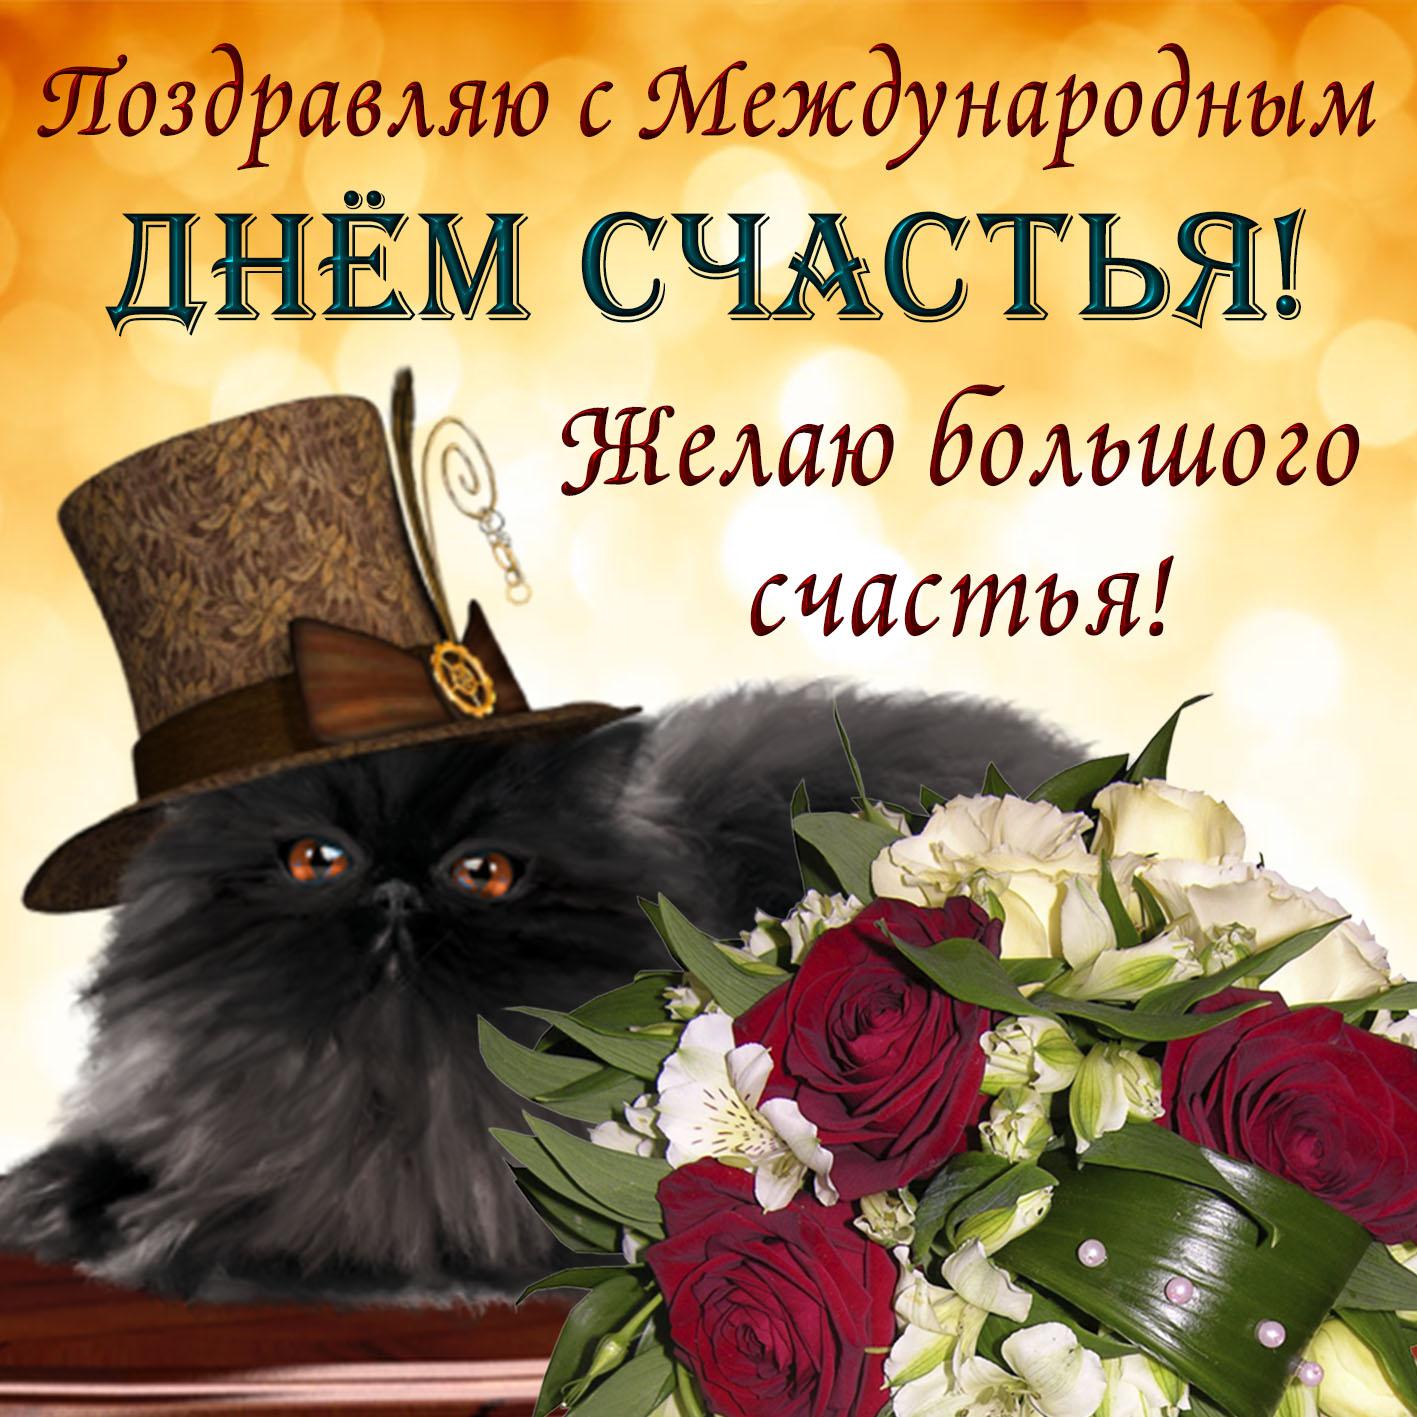 Поздравление с праздником счастья